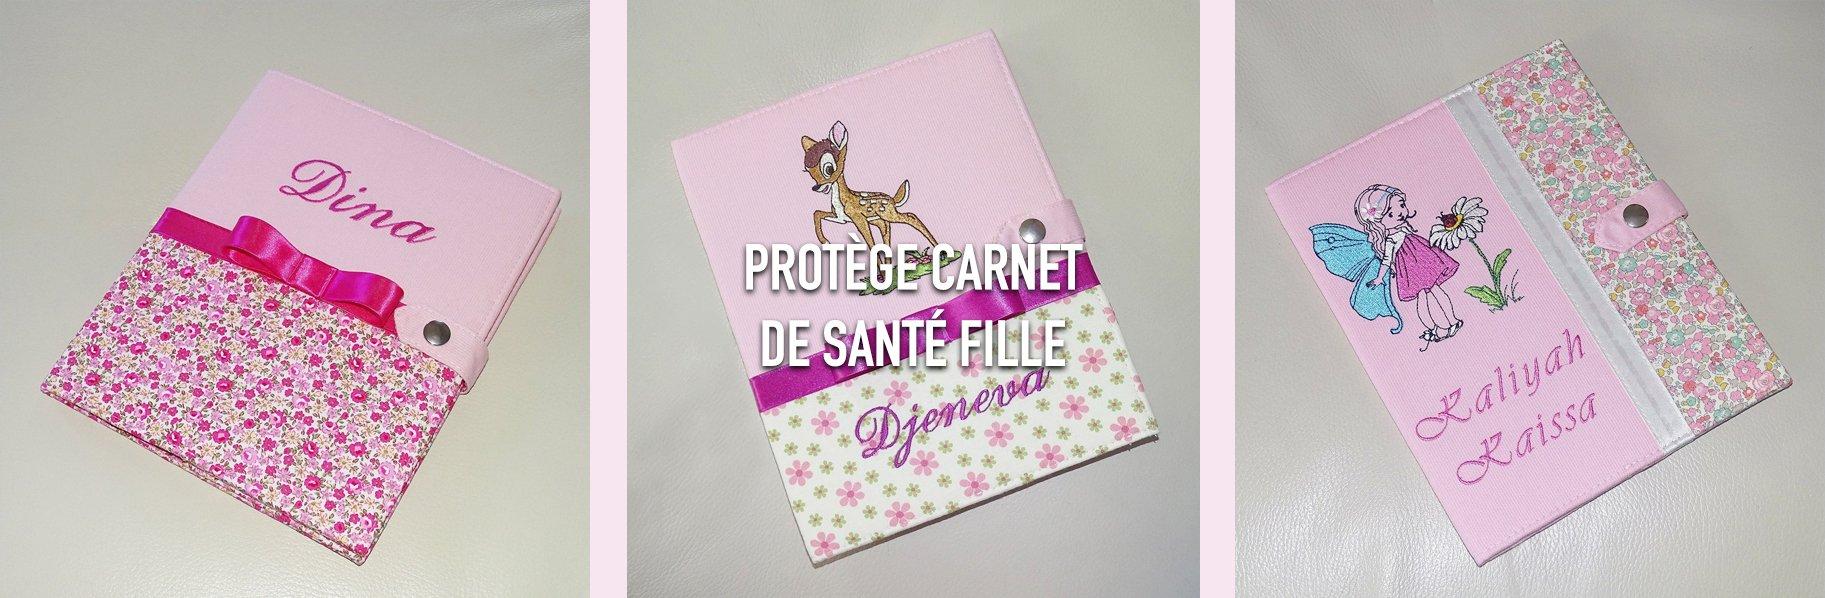 Protège carnet de santé fille personnalisé